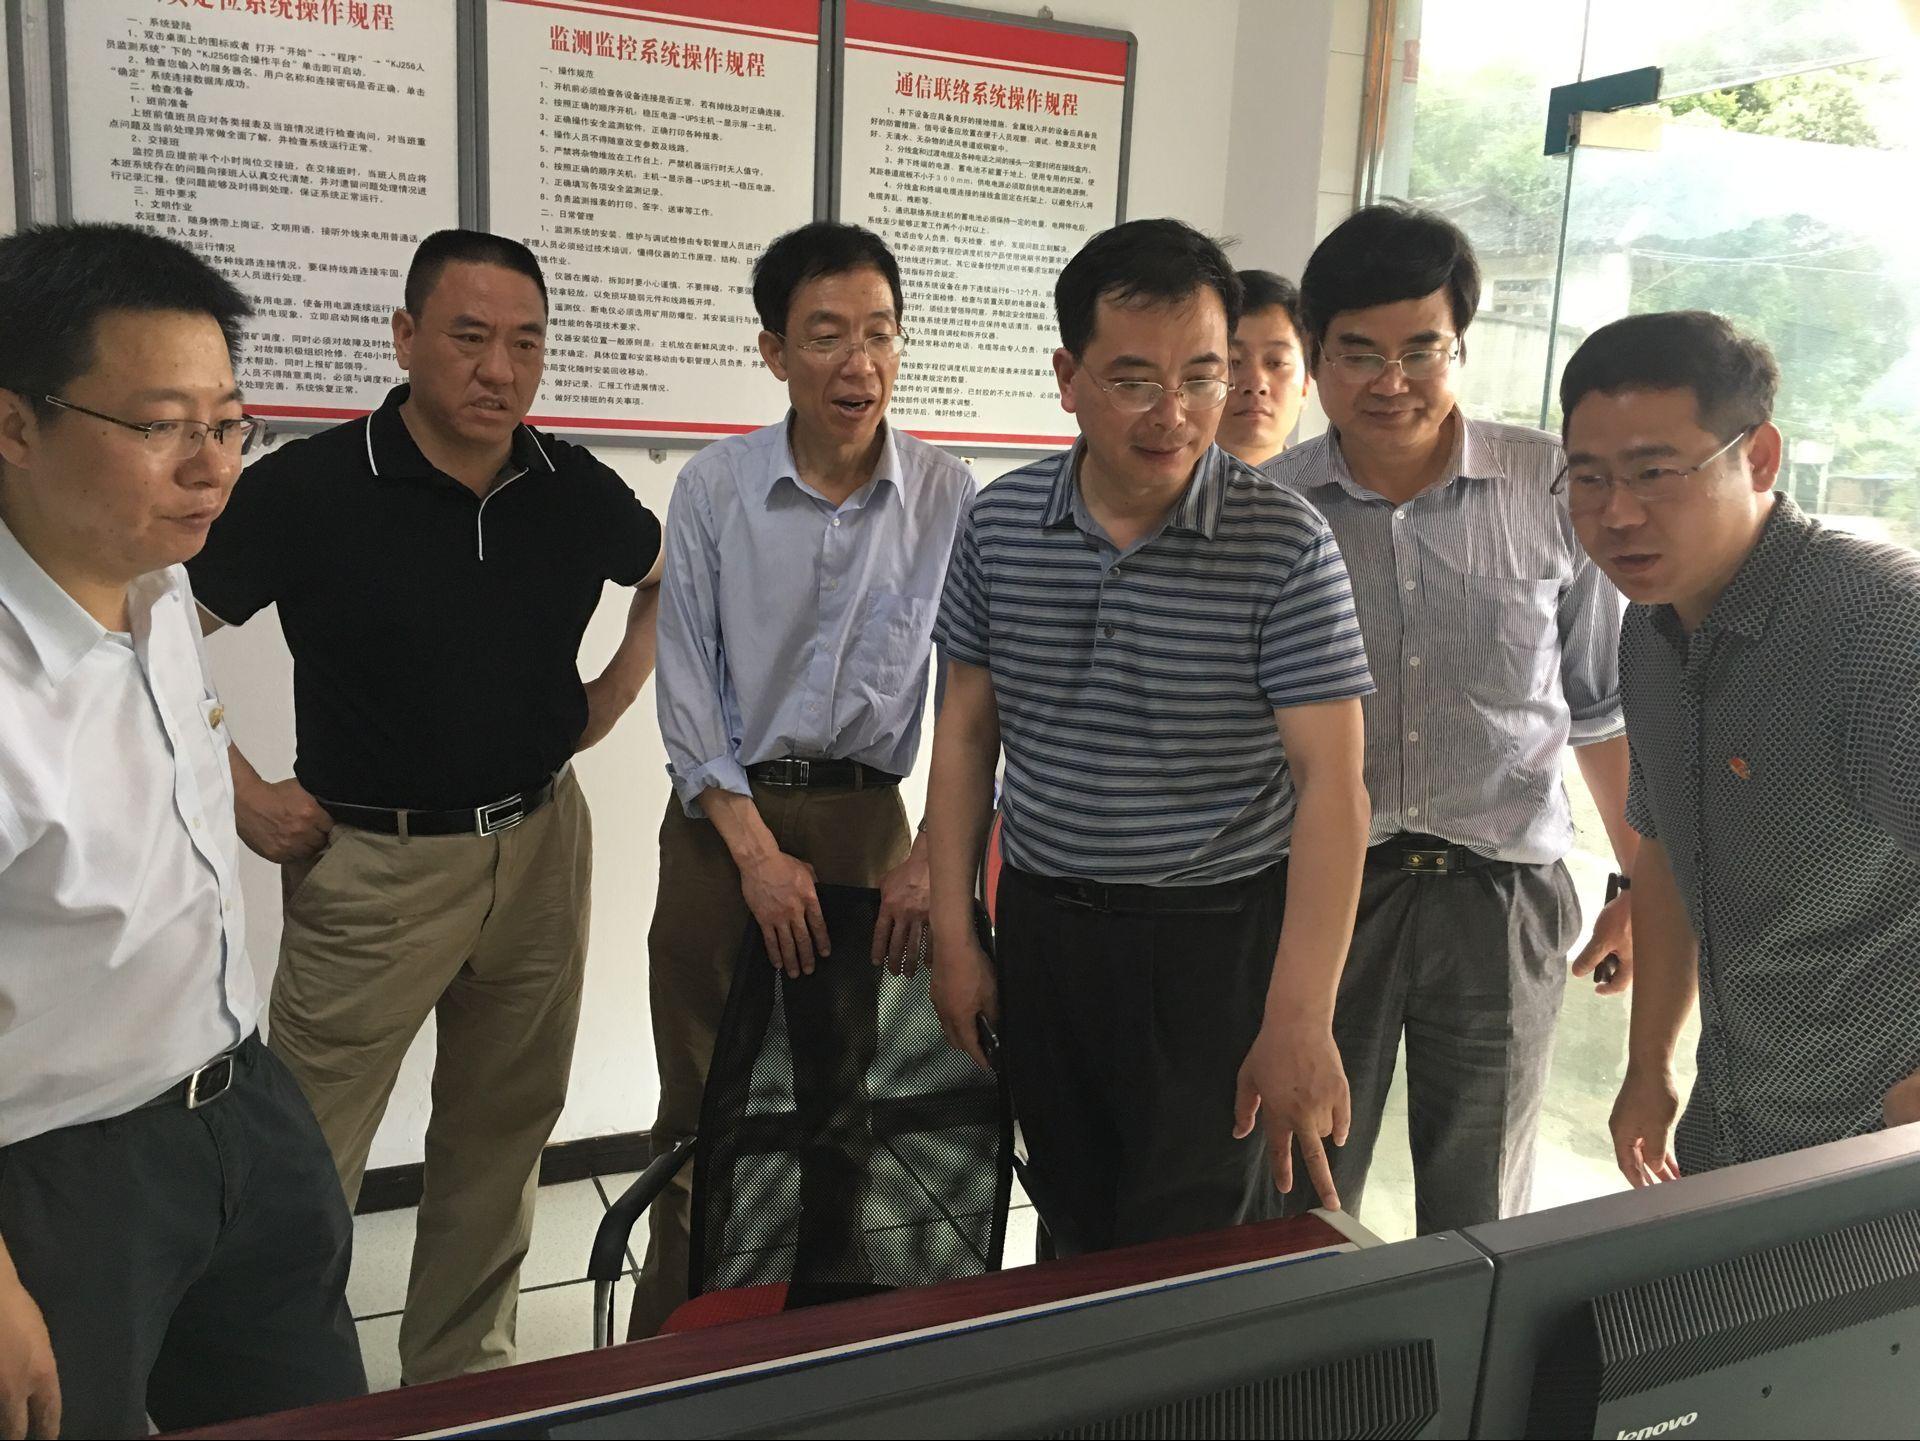 江苏省级机关工委法宣办莅临金东公司检查指导法治文化建设工作